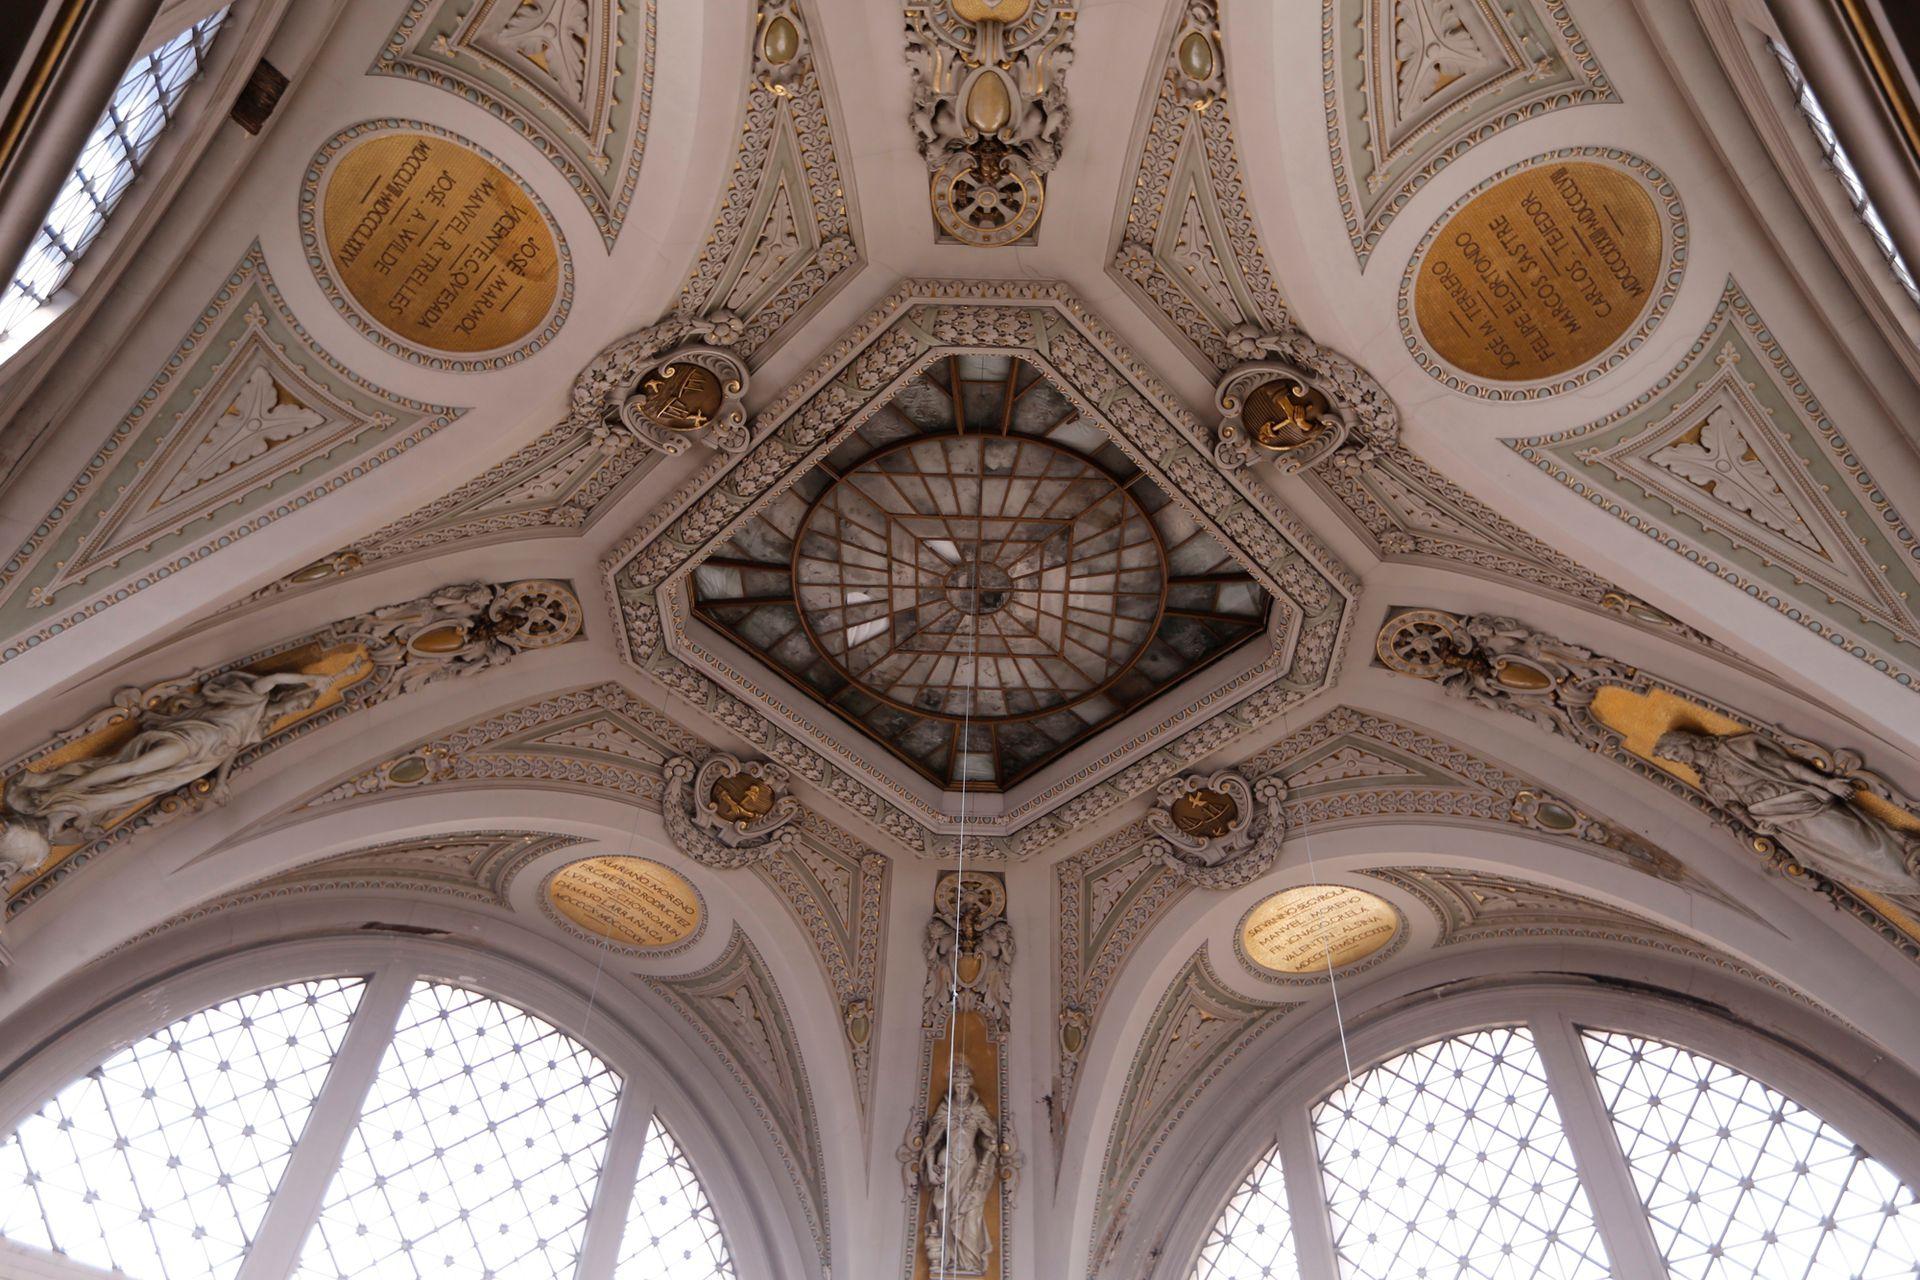 Cúpula de la sala de lectura, rodeada de medallones en dorado con los nombres de los directores de la Biblioteca. Allí debe ubicarse el vitraux original, la Constelación delSur, hoy celosamente guardado